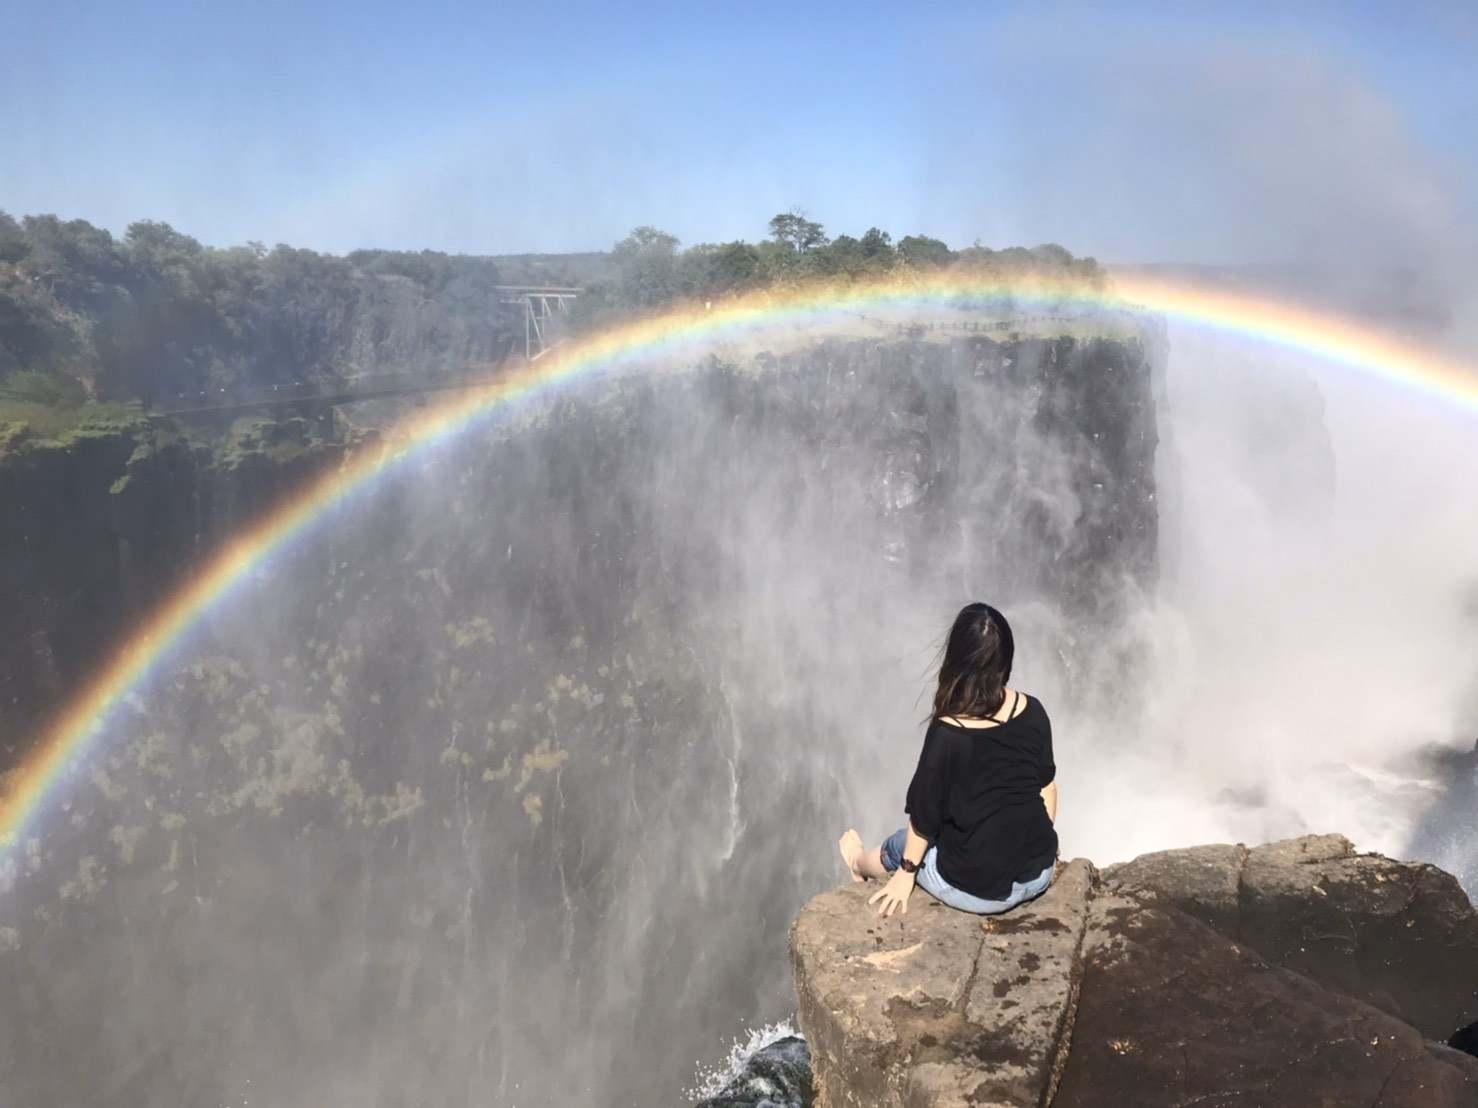 アフリカ旅行に行ってみよう!豪快BBQに世界産の絶景も!魅力溢れる内陸国ザンビア